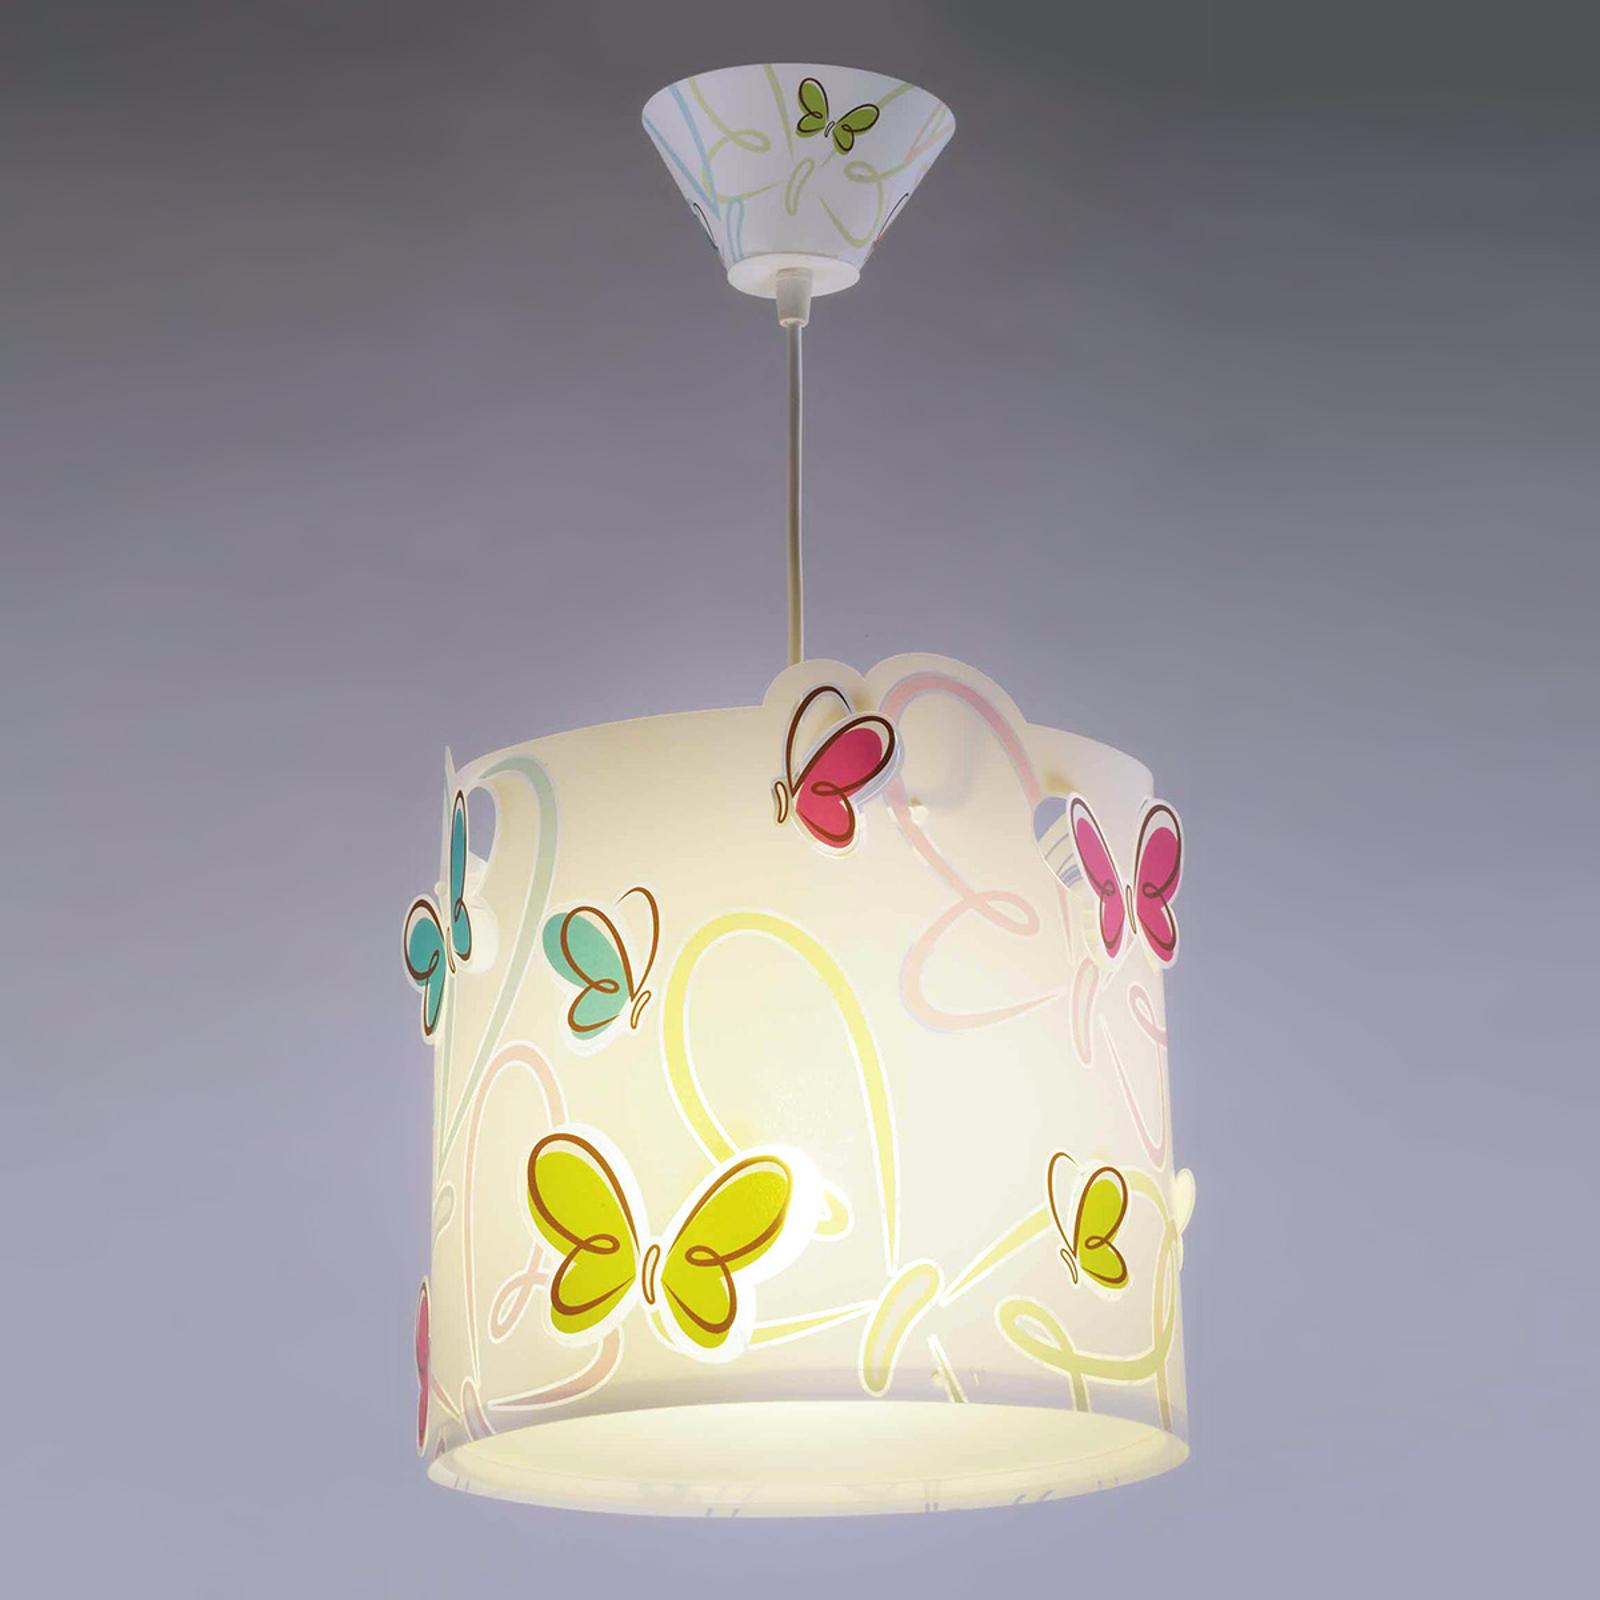 Primaverile lampada a sospensione Butterfly